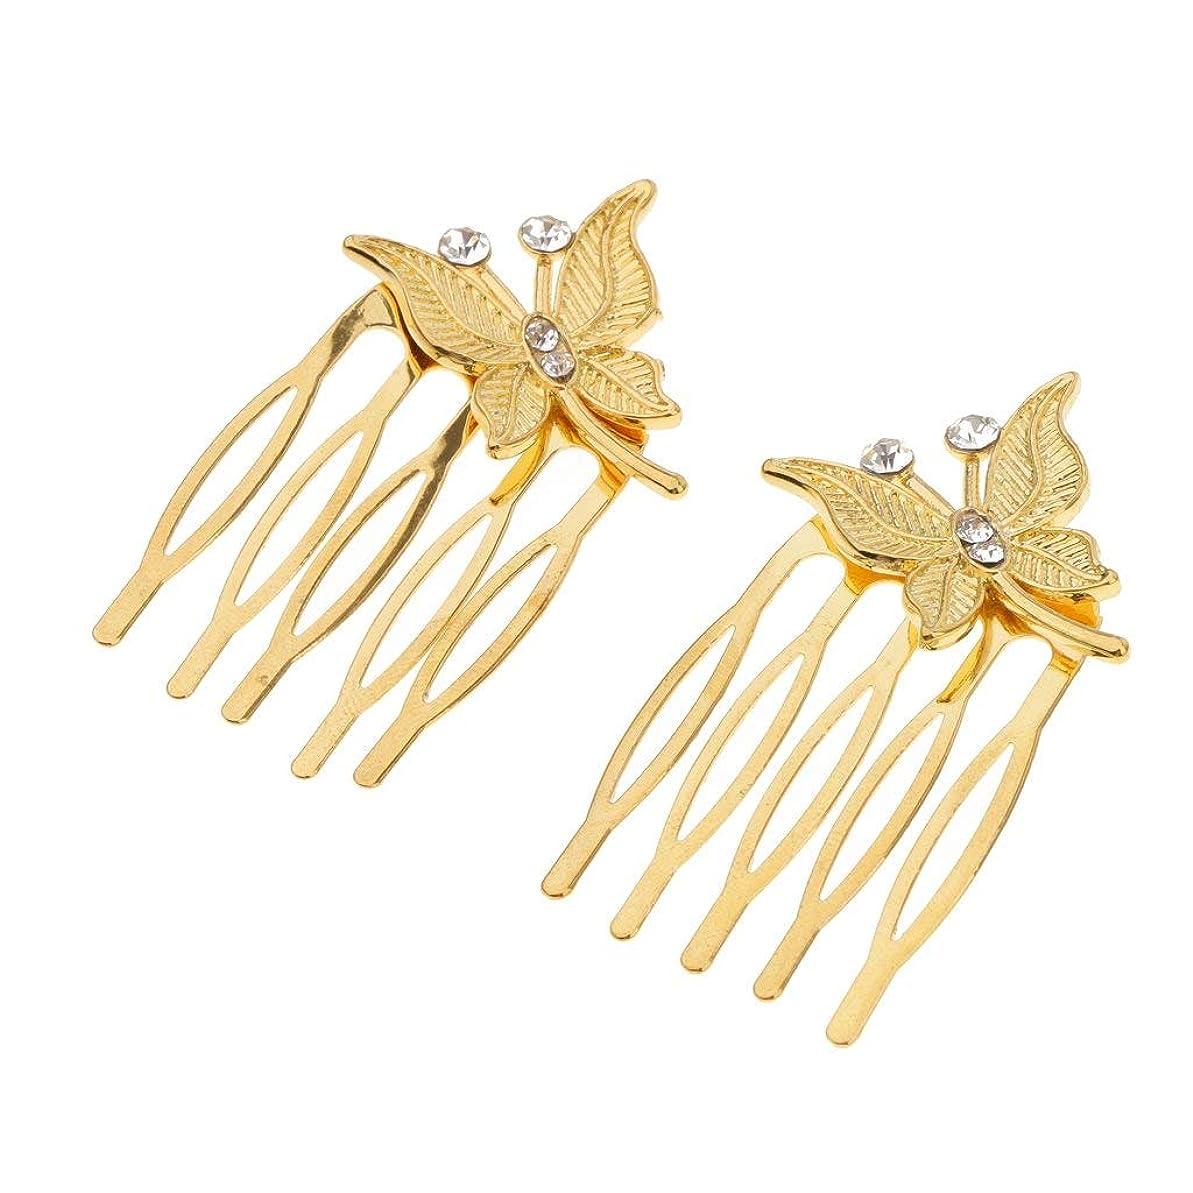 おもちゃ動脈シェルLUOSAI ブライダルバタフライラインストーンの髪の櫛女性女の子のヘアクリップヘッドドレスパーティーウエディングヘアアクセサリー - 2のゴールドパック